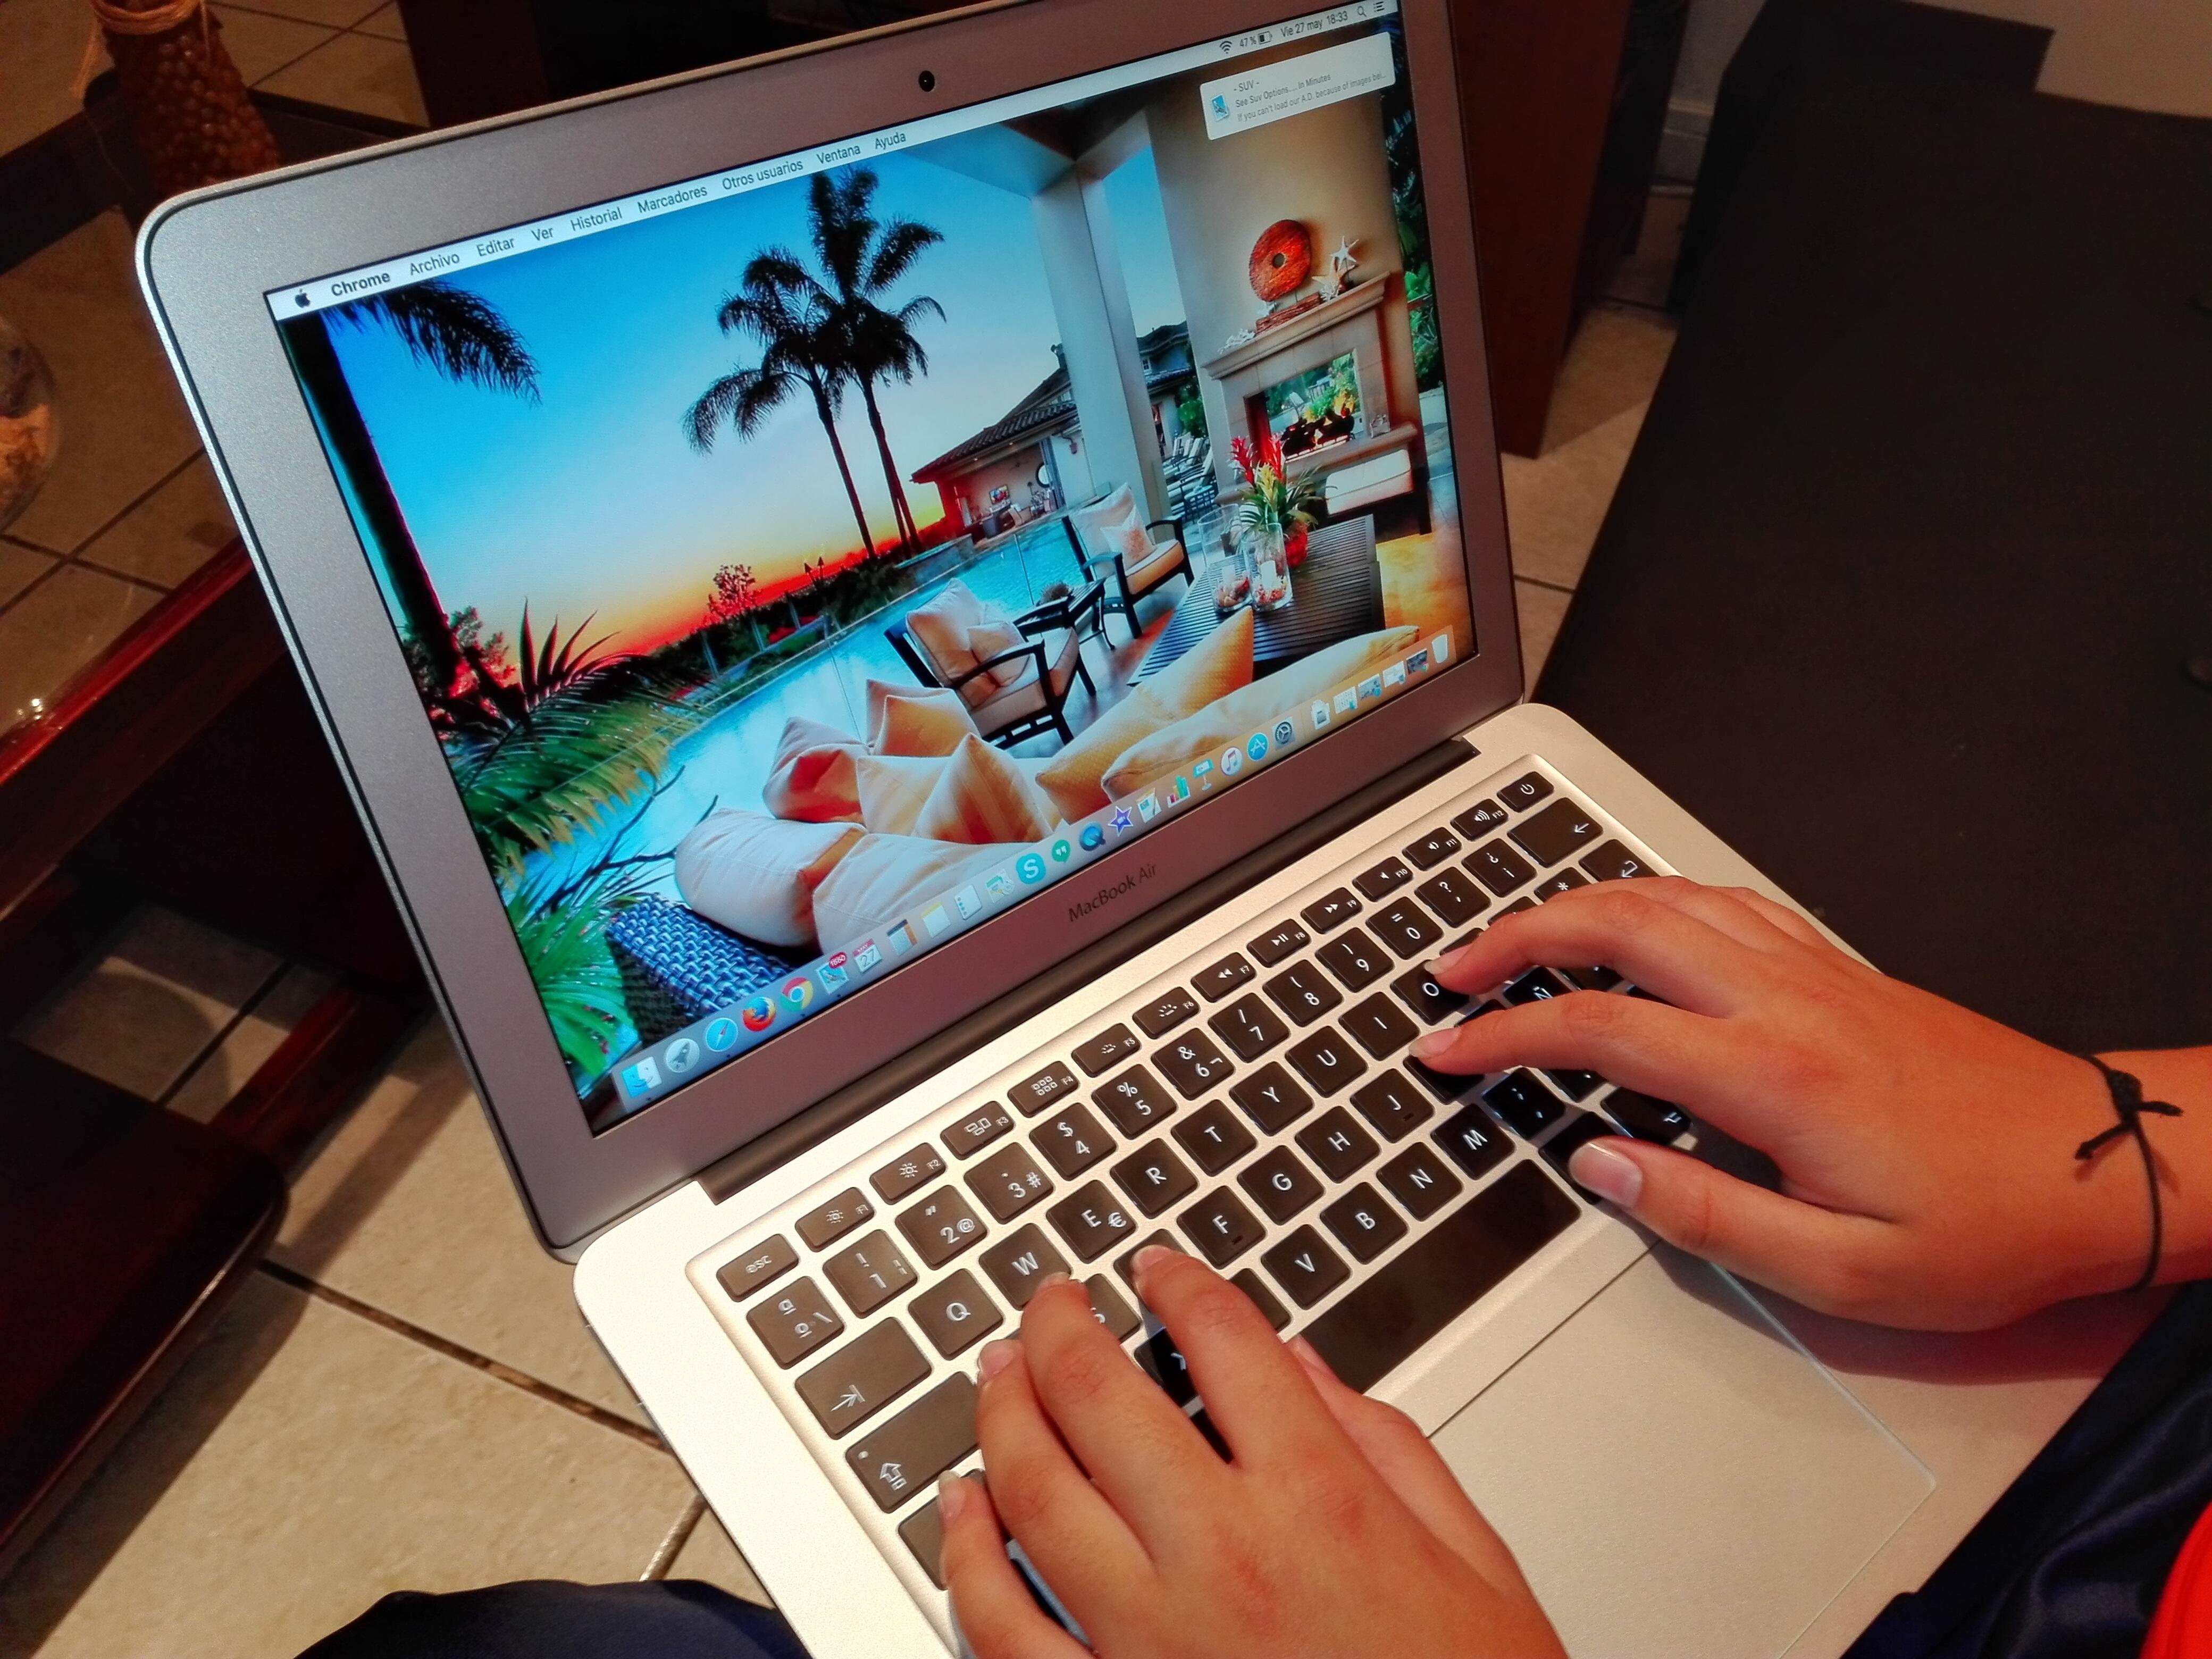 booking-hotel-online-macbook